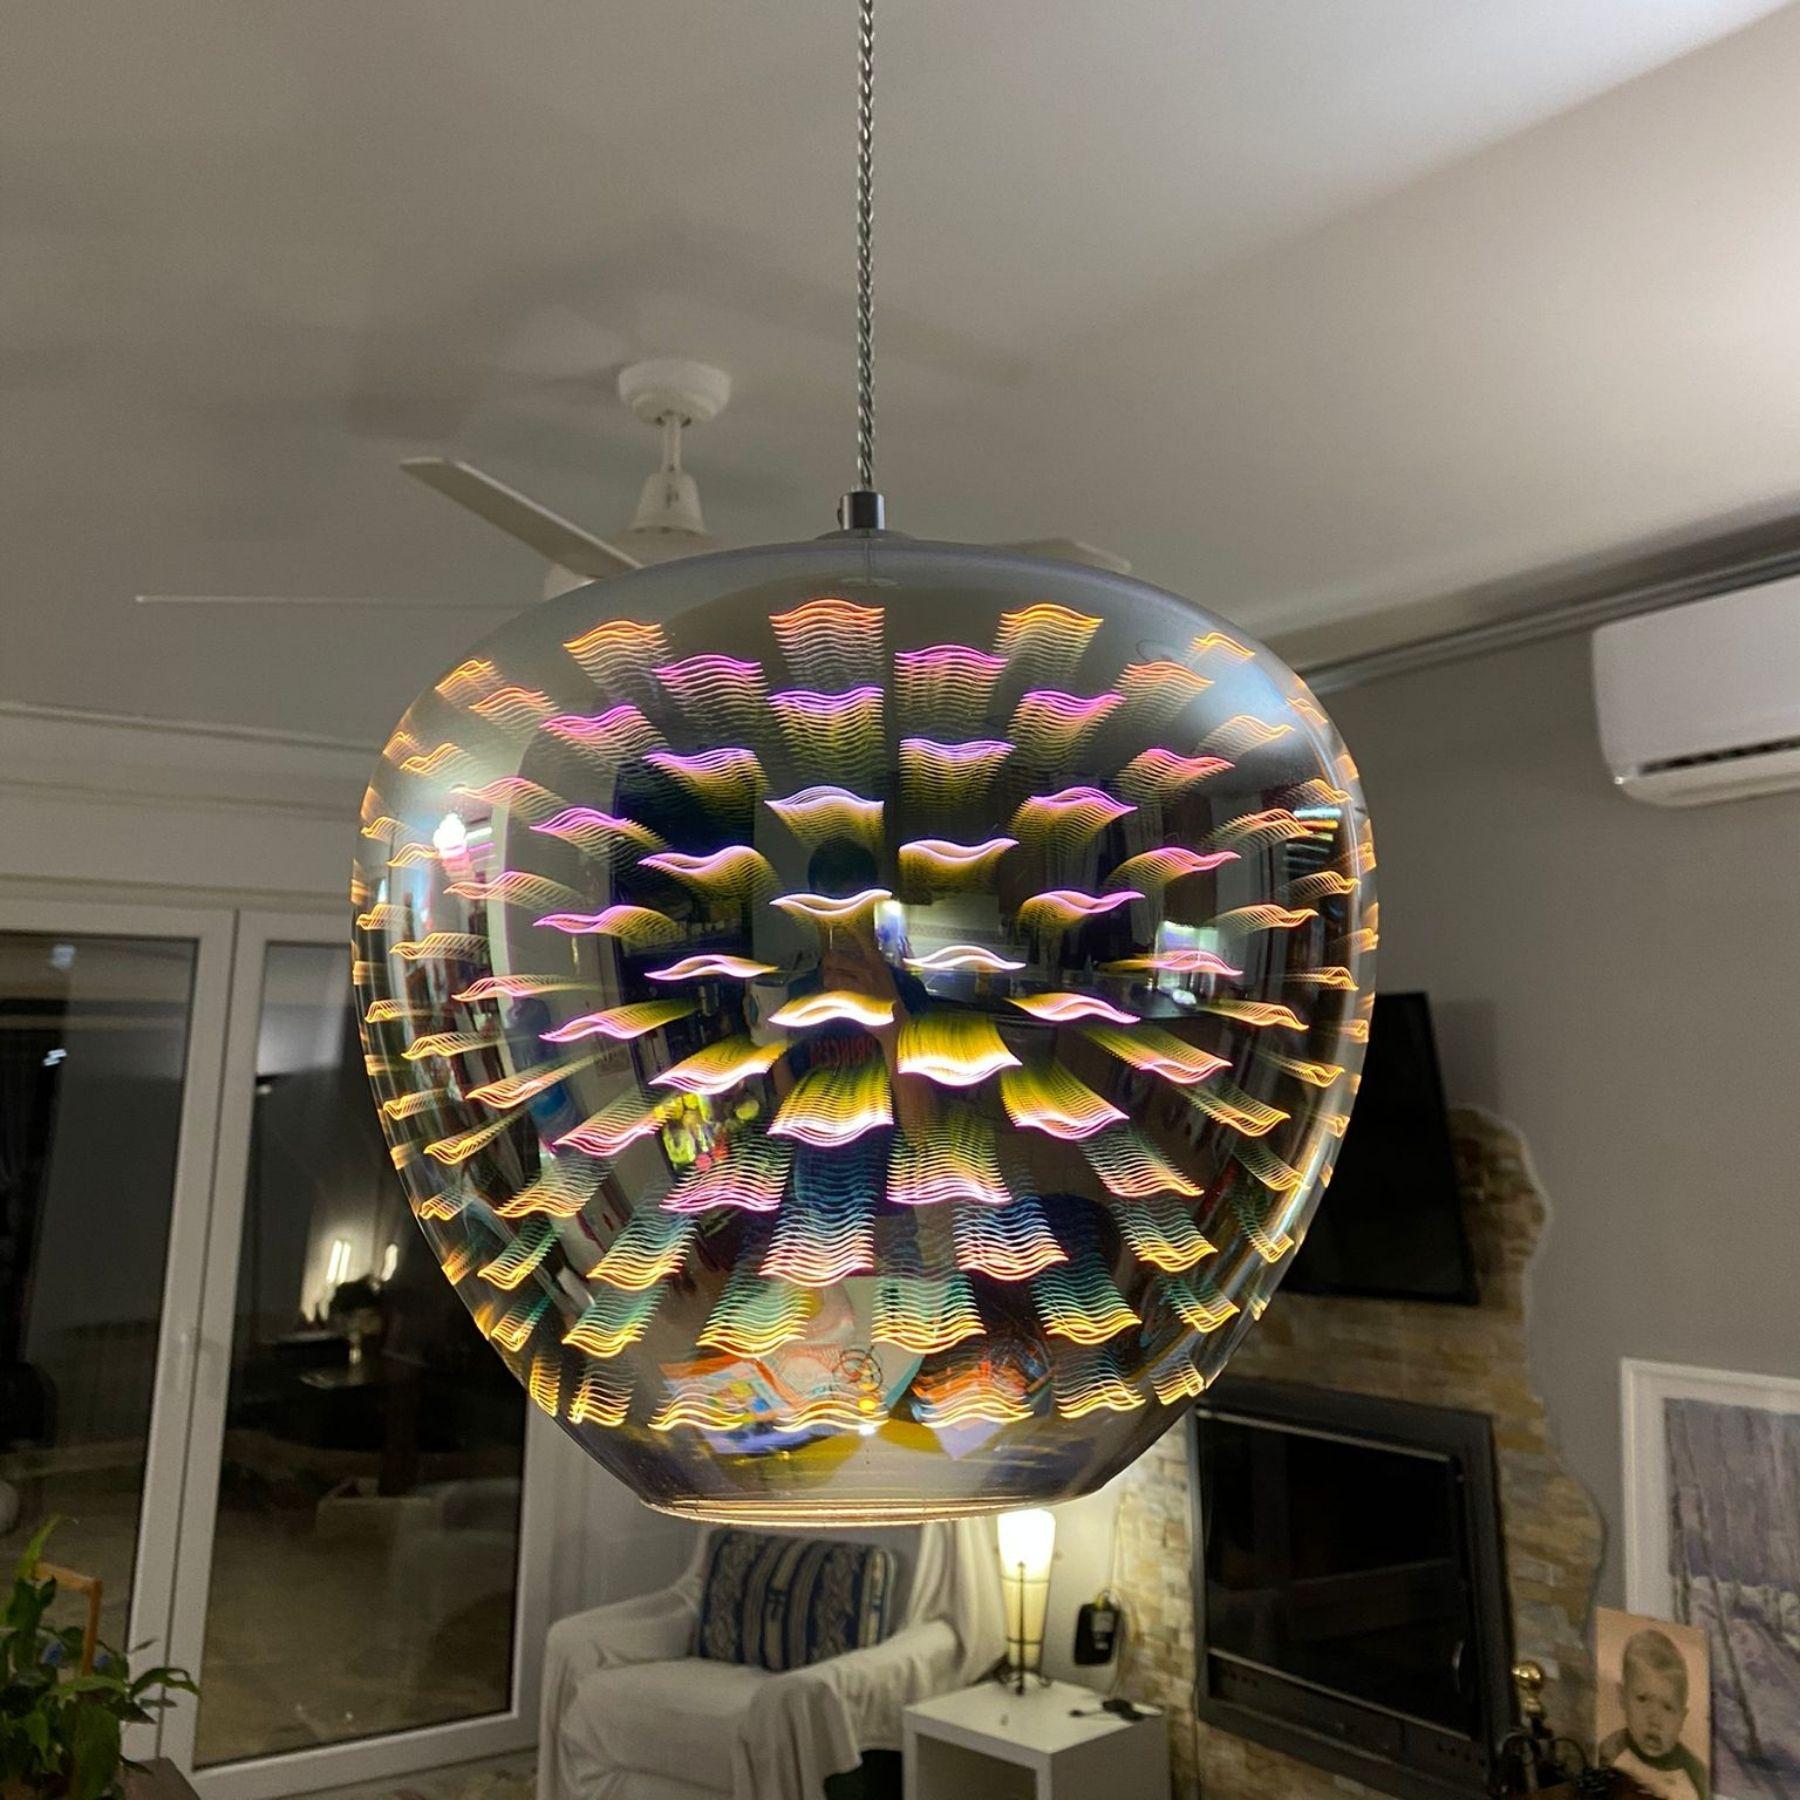 luz moderna alternativa lámpara colgante